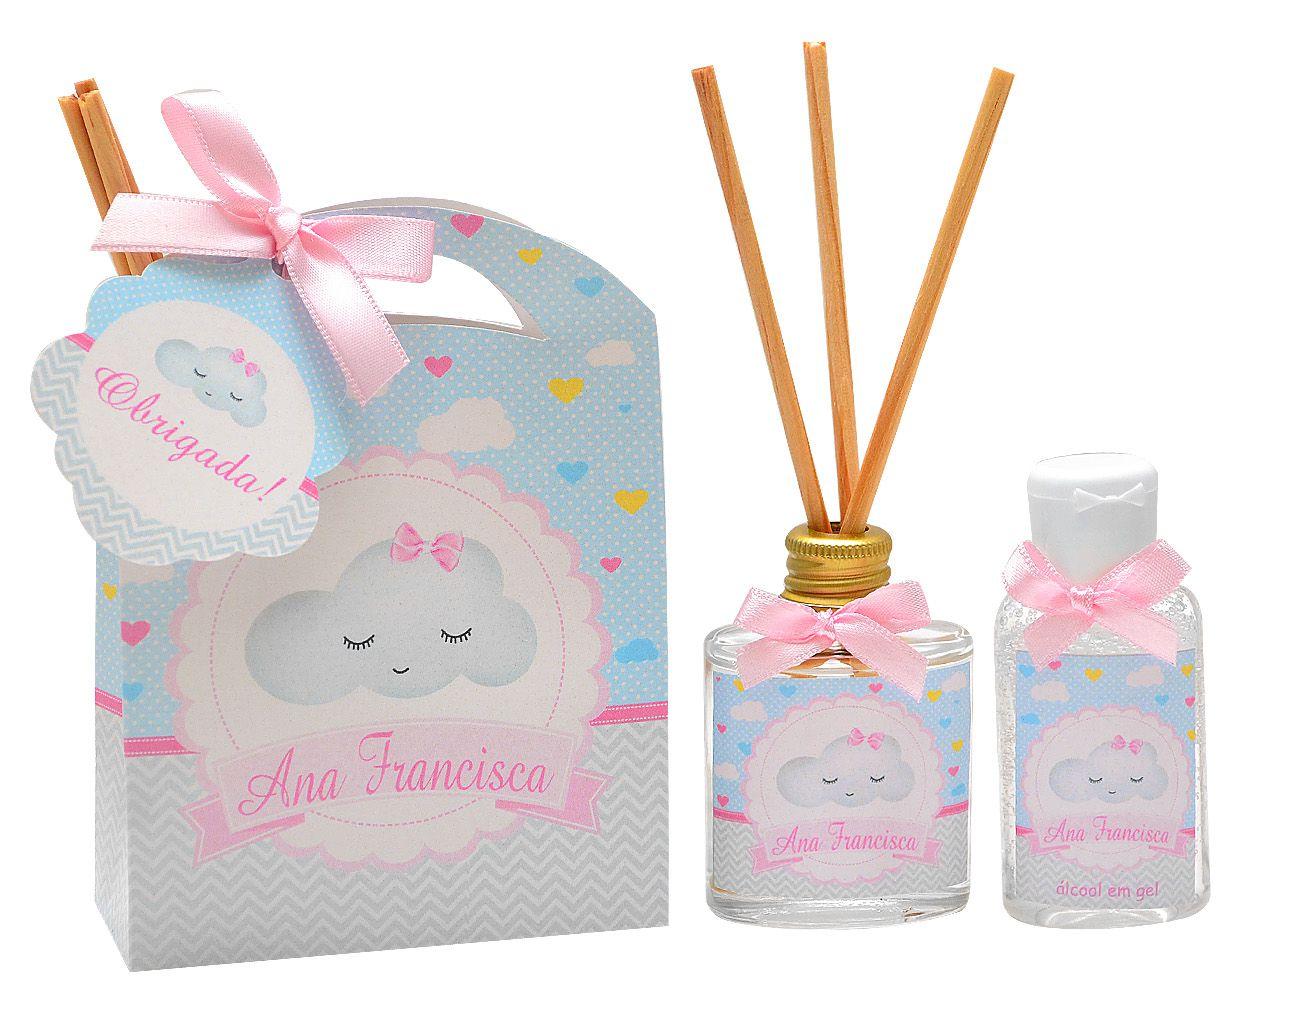 10 Lembrancinhas personalizadas caixinha com difusor e ambiente e álcool em gel tema chuva de amor  - Valentina Milan Lembrancinhas